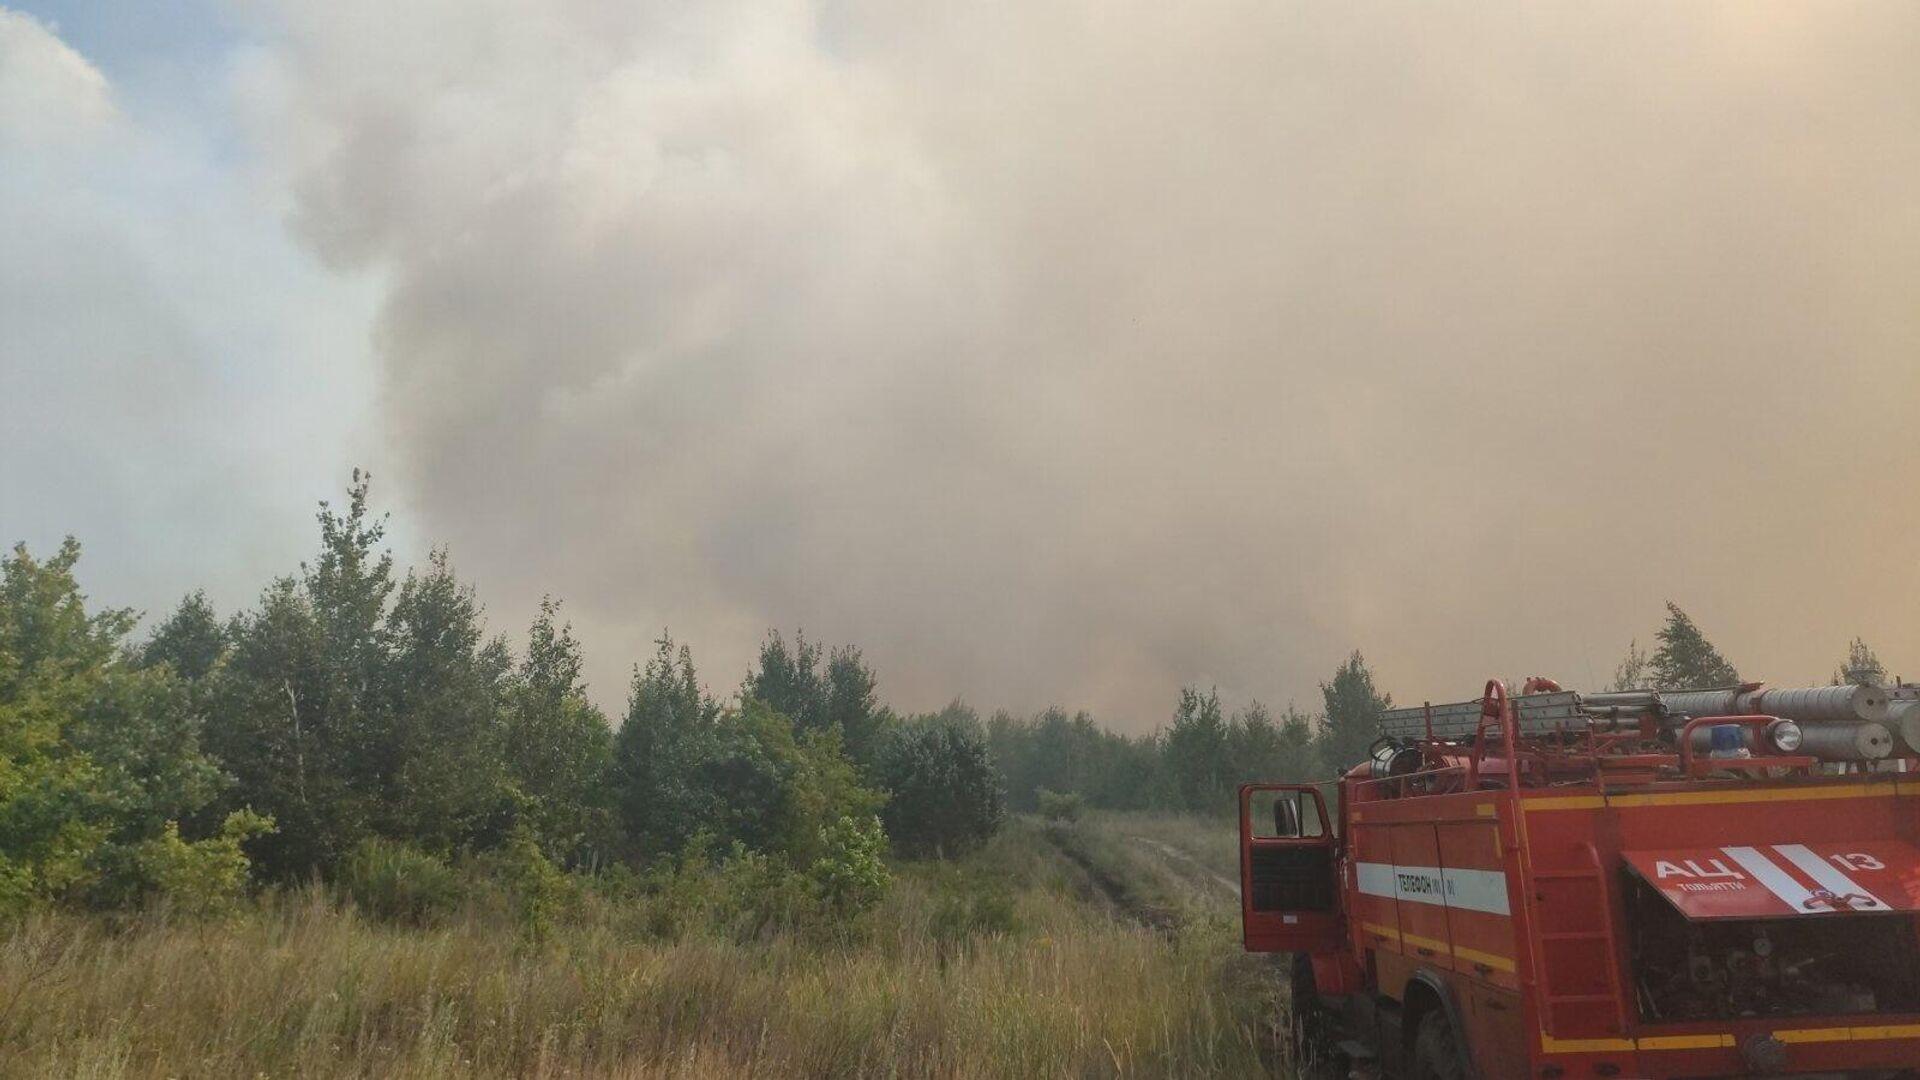 Пожар в Центральном районе городского округа Тольятти - РИА Новости, 1920, 10.07.2021